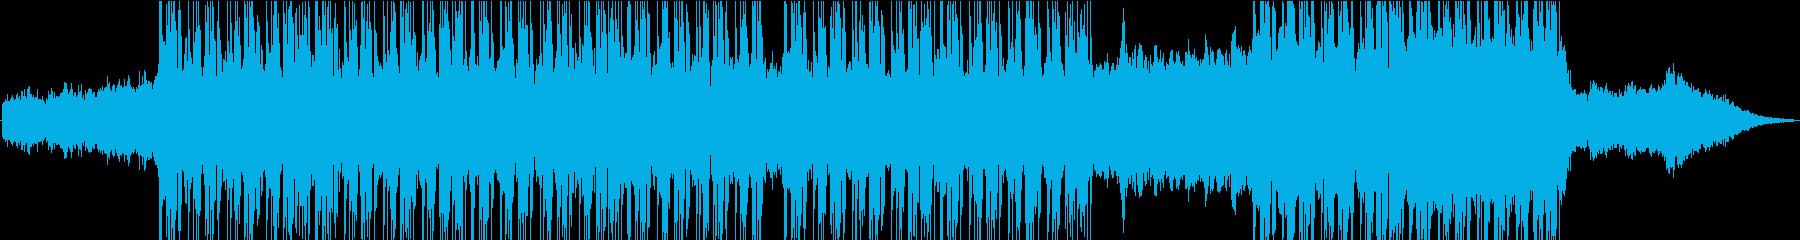 激しい、時にはザラザラしたダブステ...の再生済みの波形